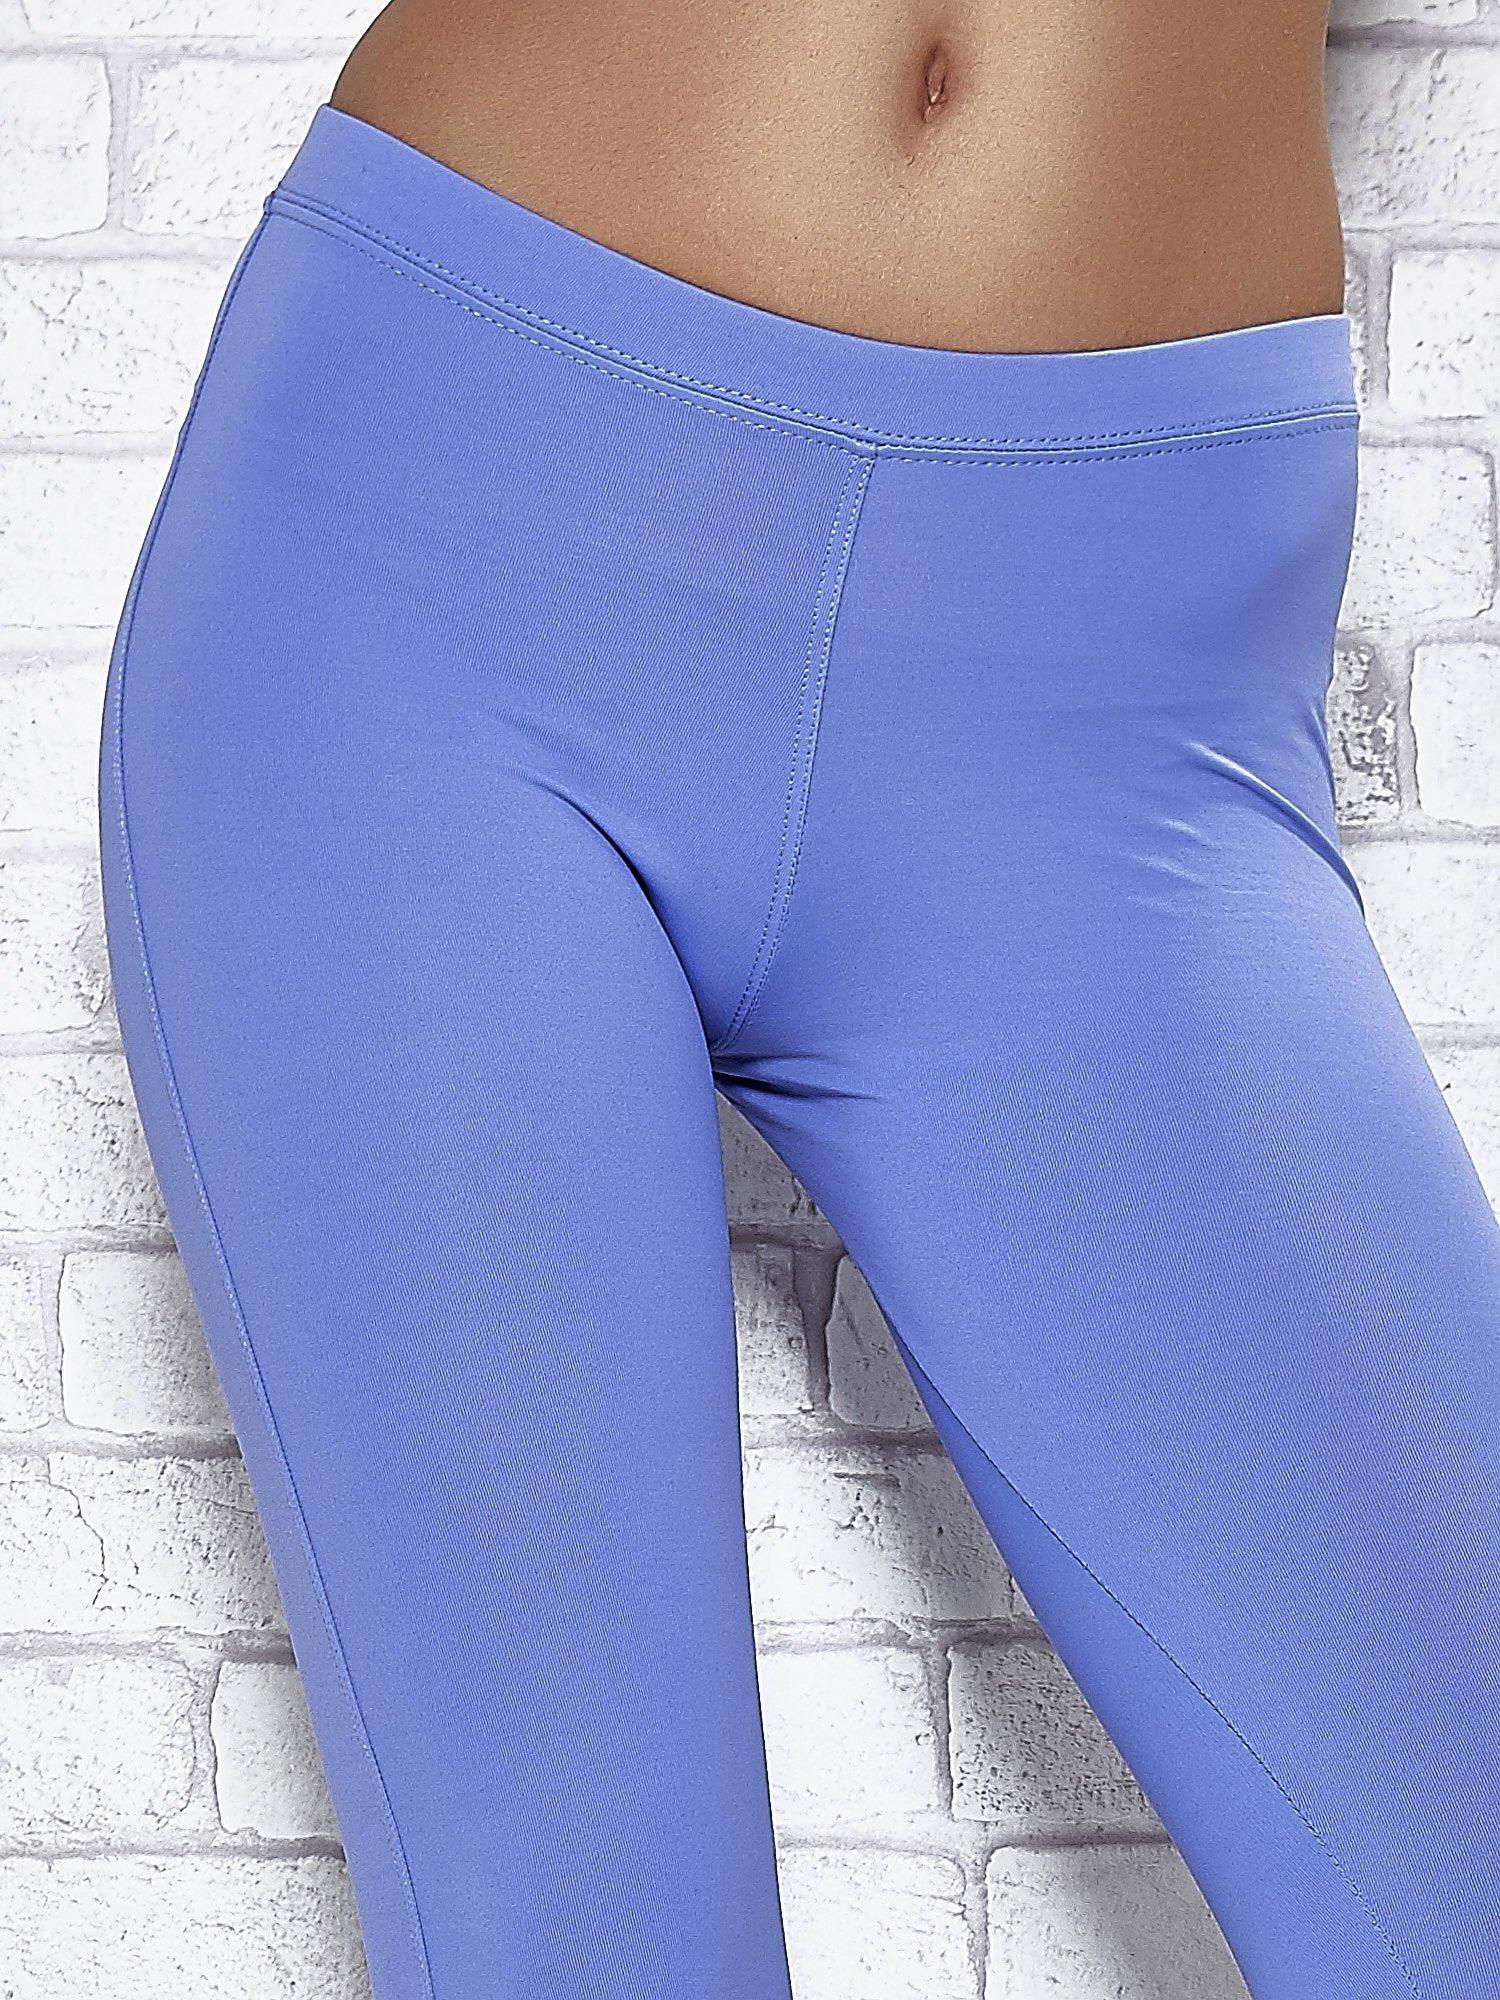 Niebieskie legginsy sportowe z dżetami na dole nogawki                                  zdj.                                  4